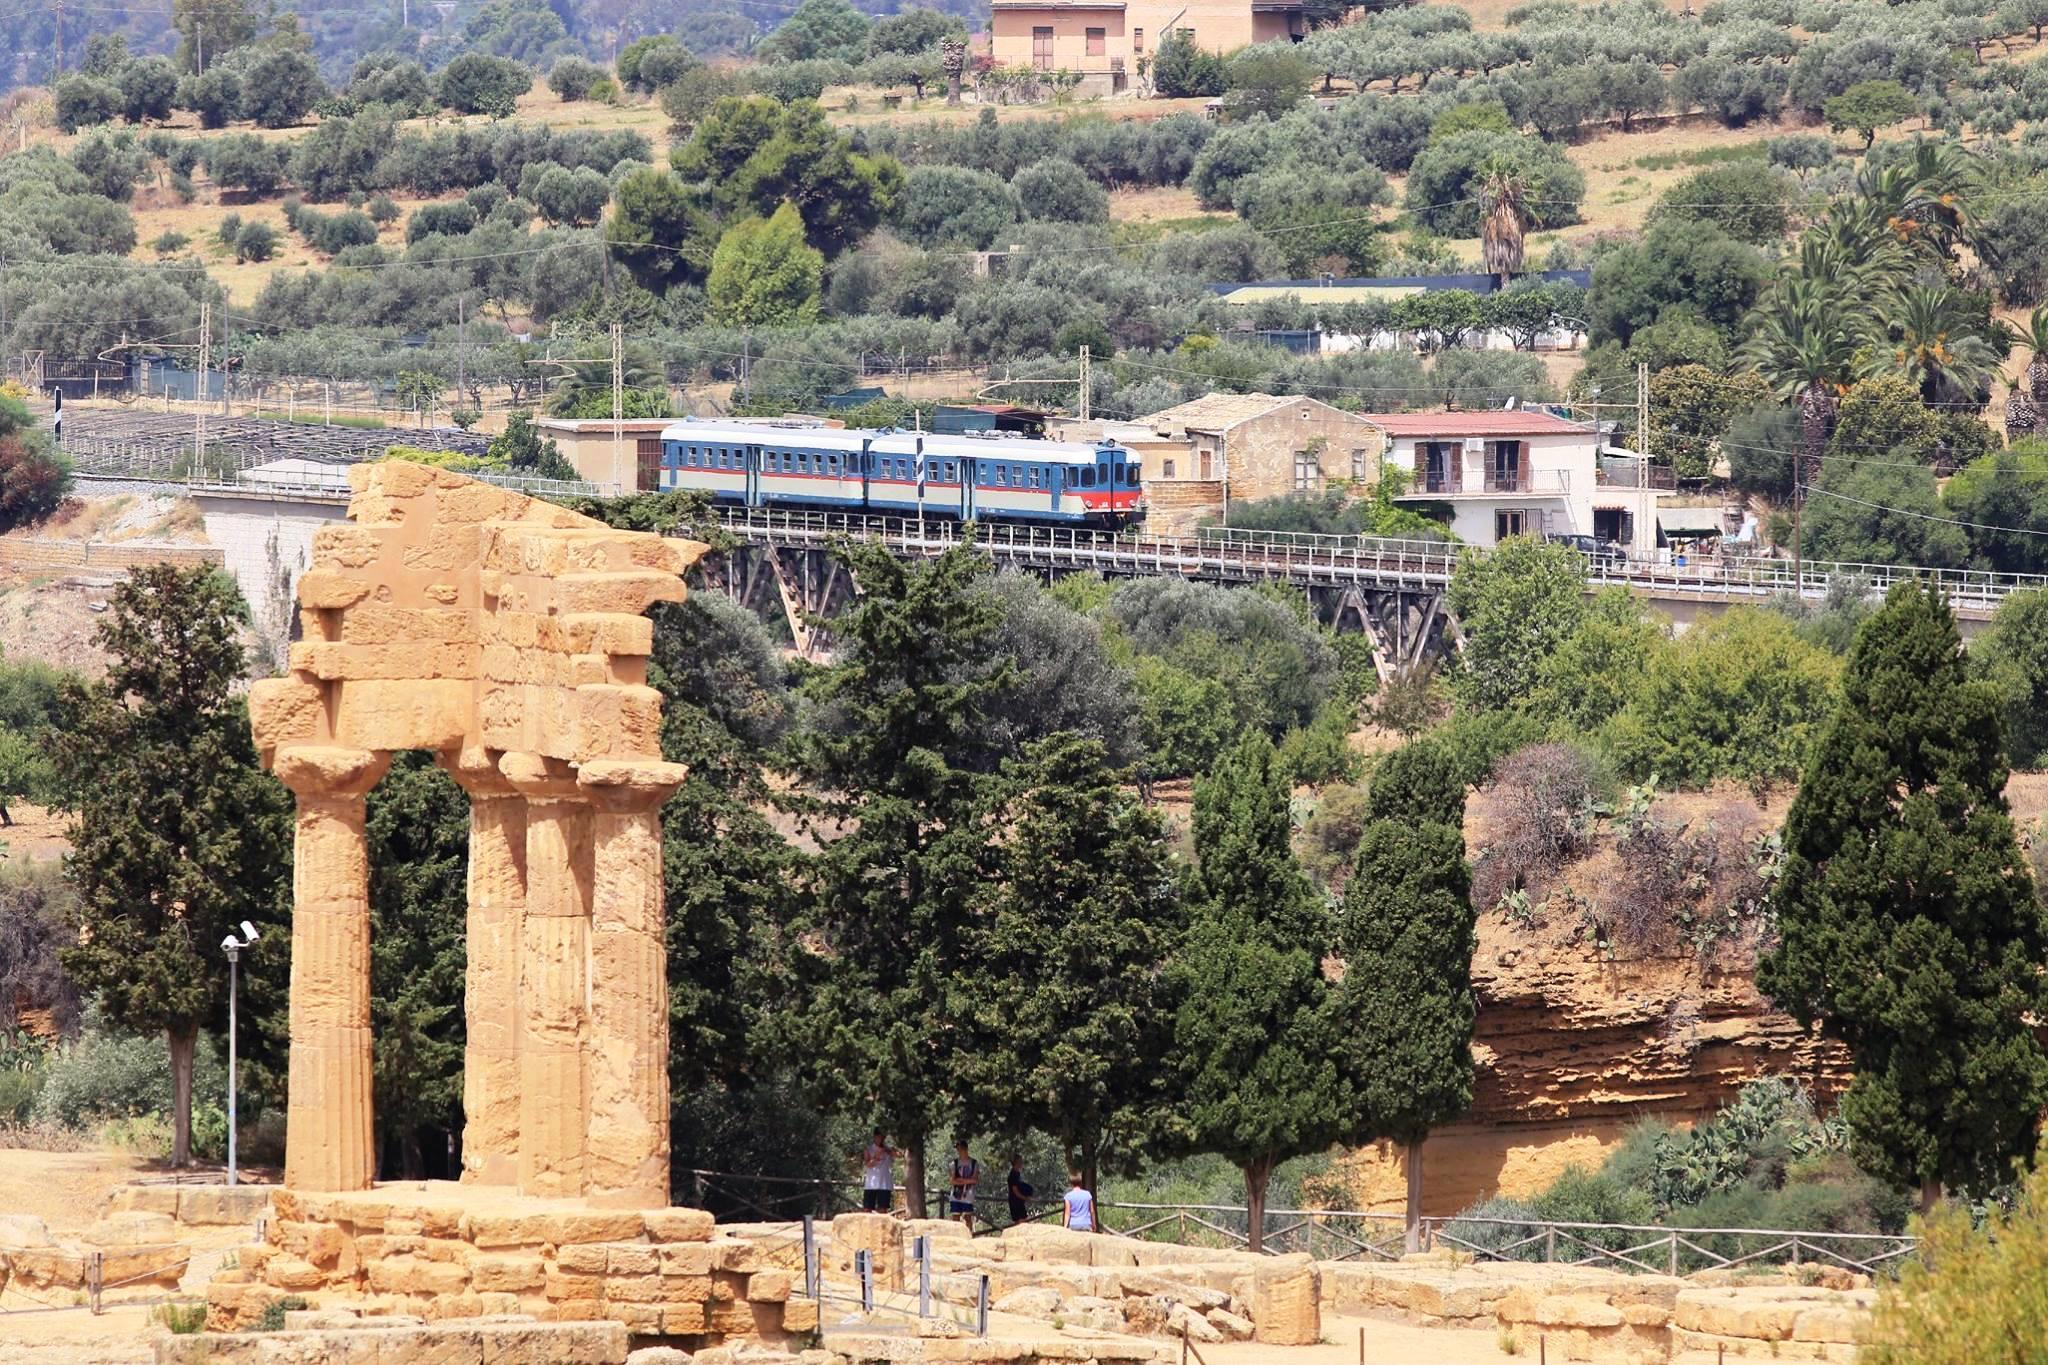 Calendario Treni Storici 2020.Partono I Treni Storici Del Gusto In Sicilia